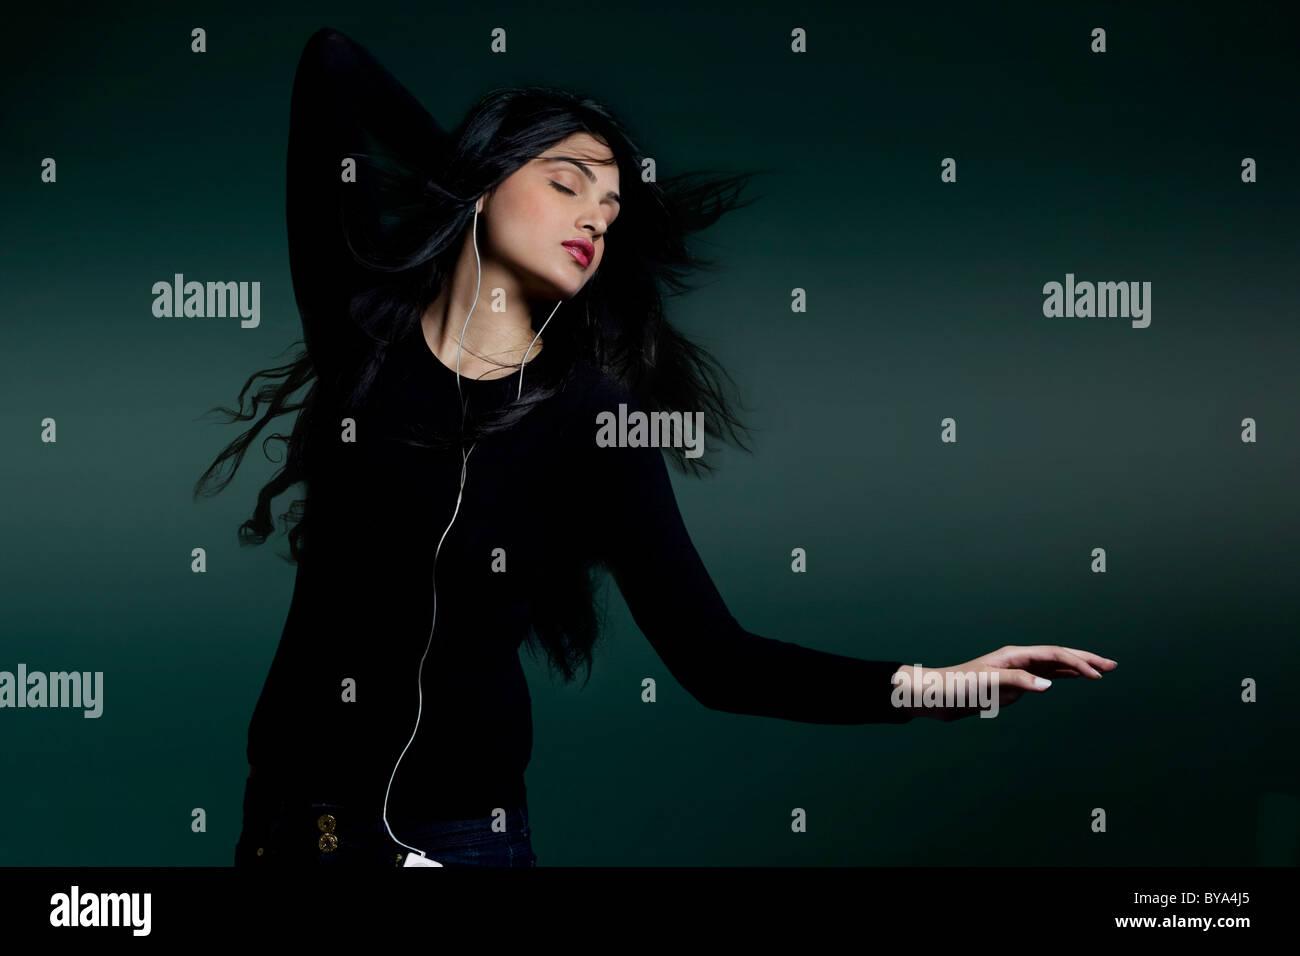 Ragazza ascolto di musica Foto Stock